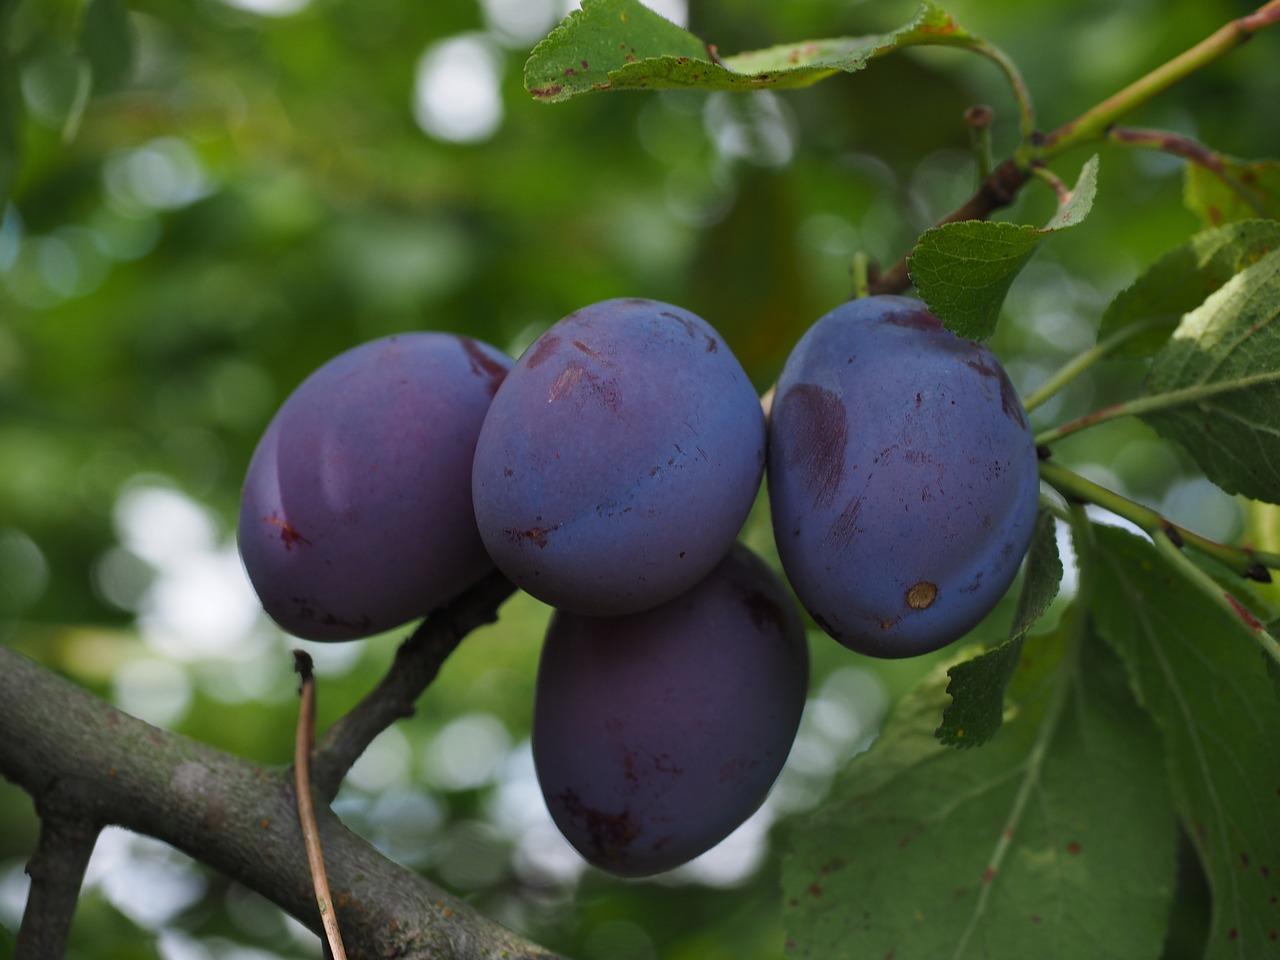 Η Δαμασκηνιά ανήκει στην οικογένεια Rosaceae, στο γένος Prunus L. Το γένος Prunus περιλαμβάνει πολλά είδη. Τα είδη με δενδροκομική σημασία είναι κυρίως τα Prunus domestica (Ευρωπαϊκή δαμασκηνιά)